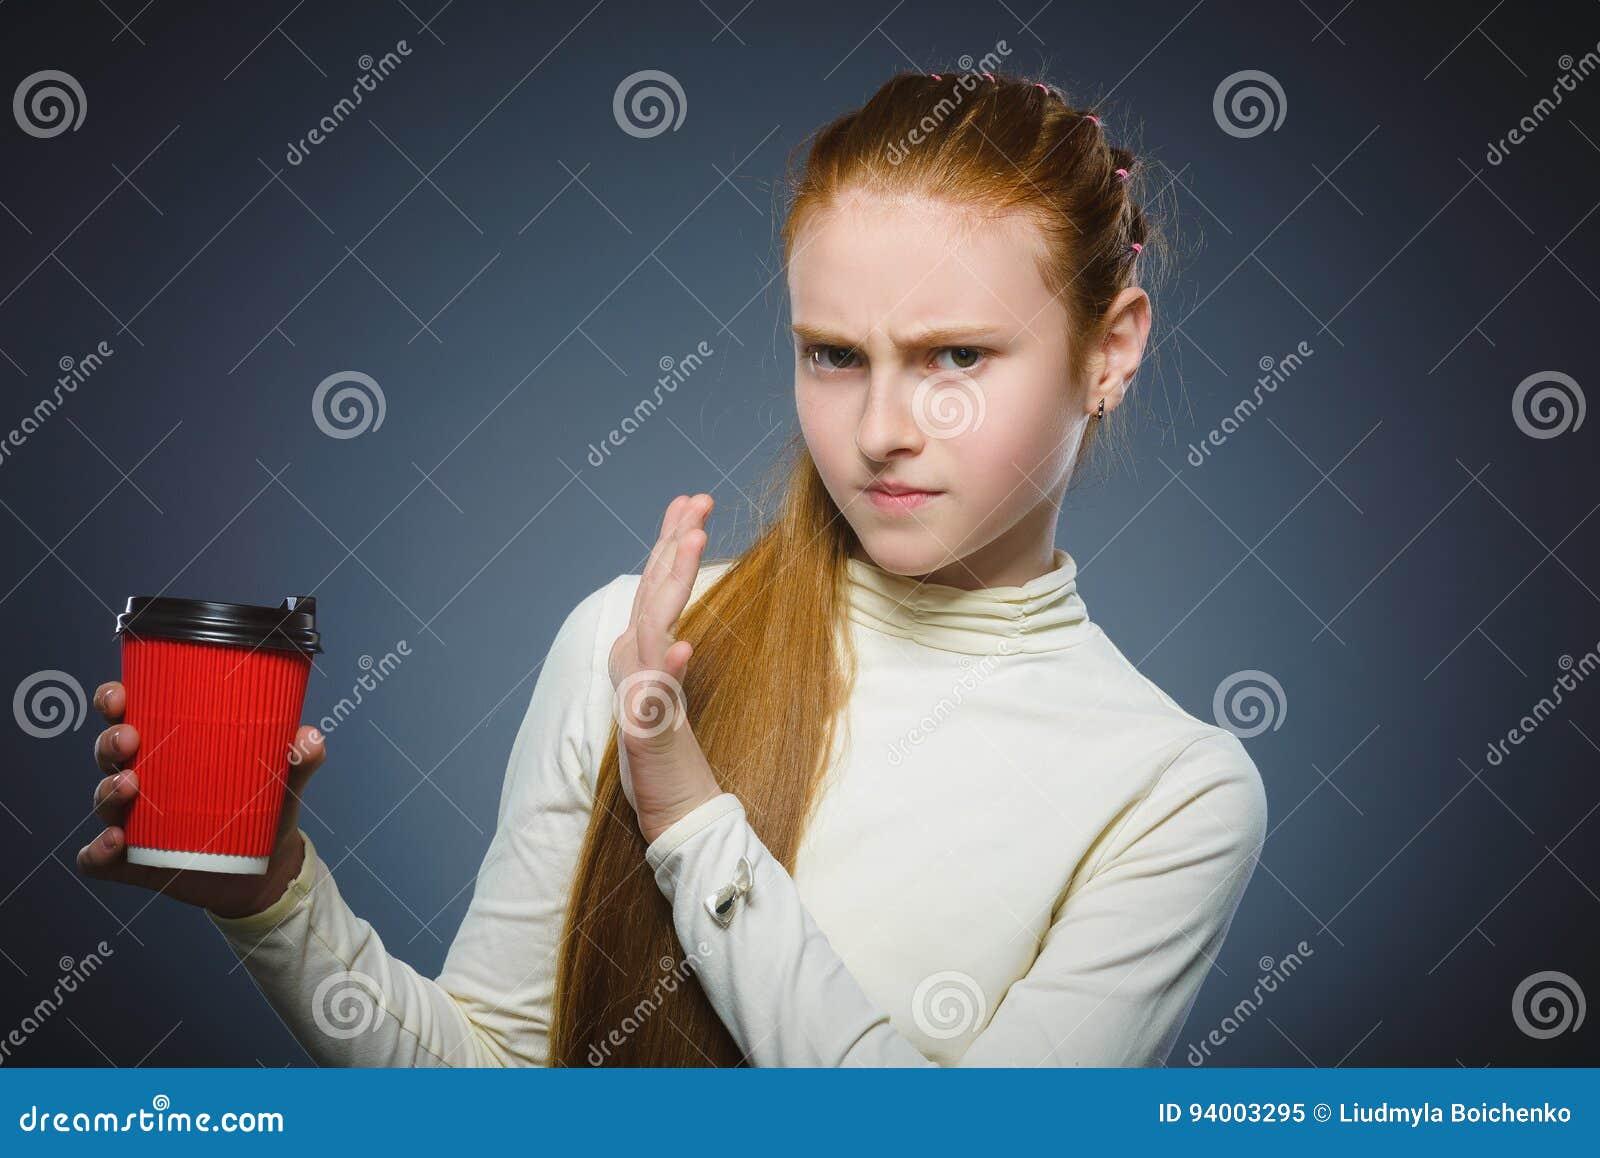 Девка не хочет на камеру фото 362-583